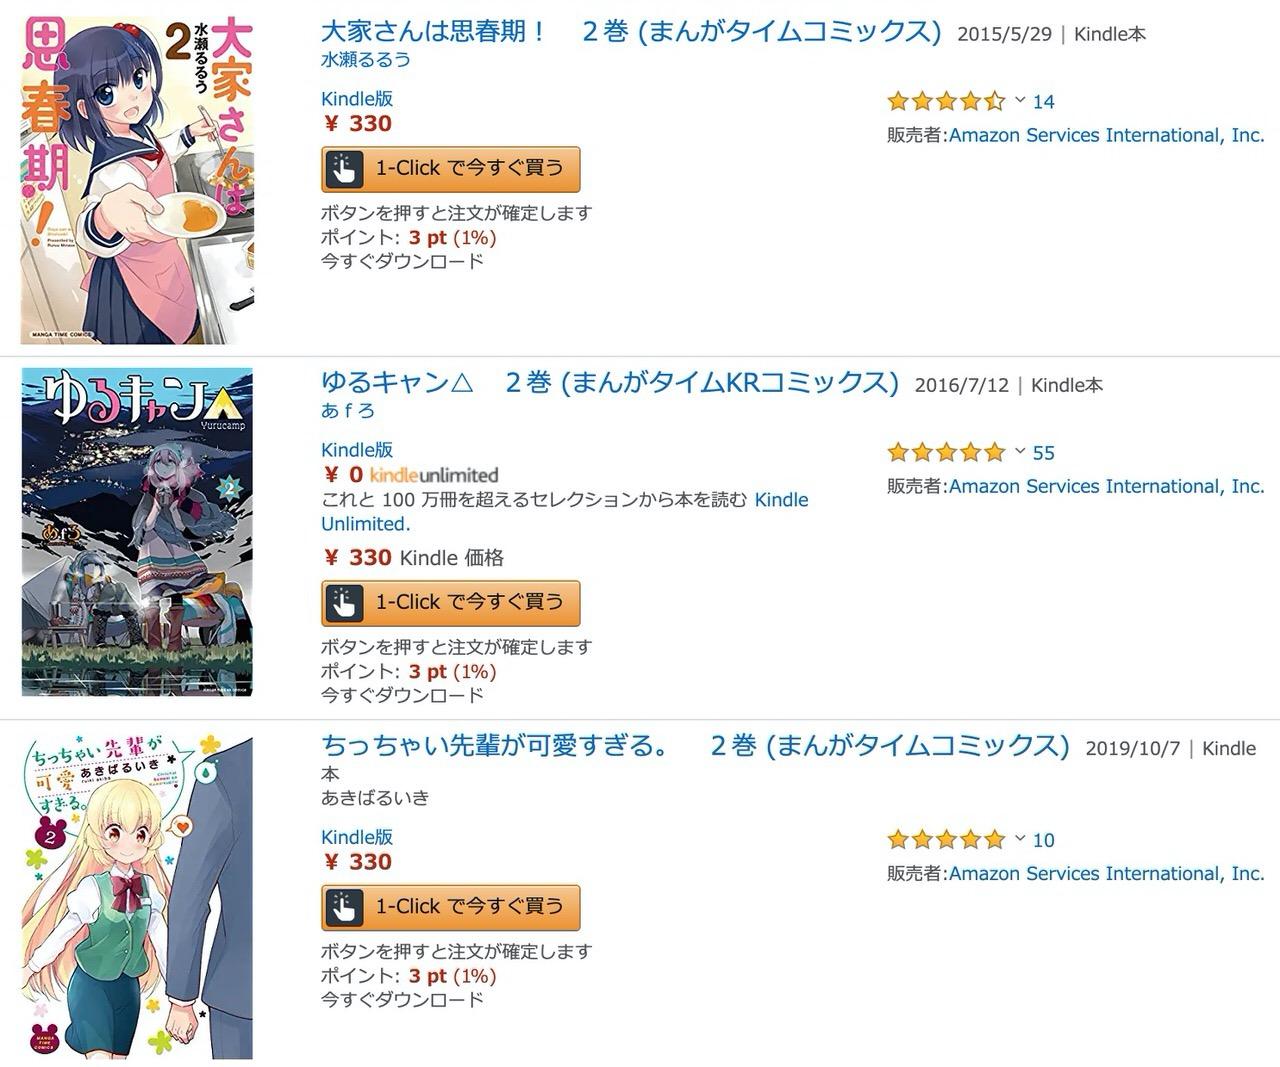 【Kindleセール】ゆるキャン△、大家さんは思春期!、マネーフットボールなどが330円「COMIC FUZ 人気連載作品フェア」(1/6まで)